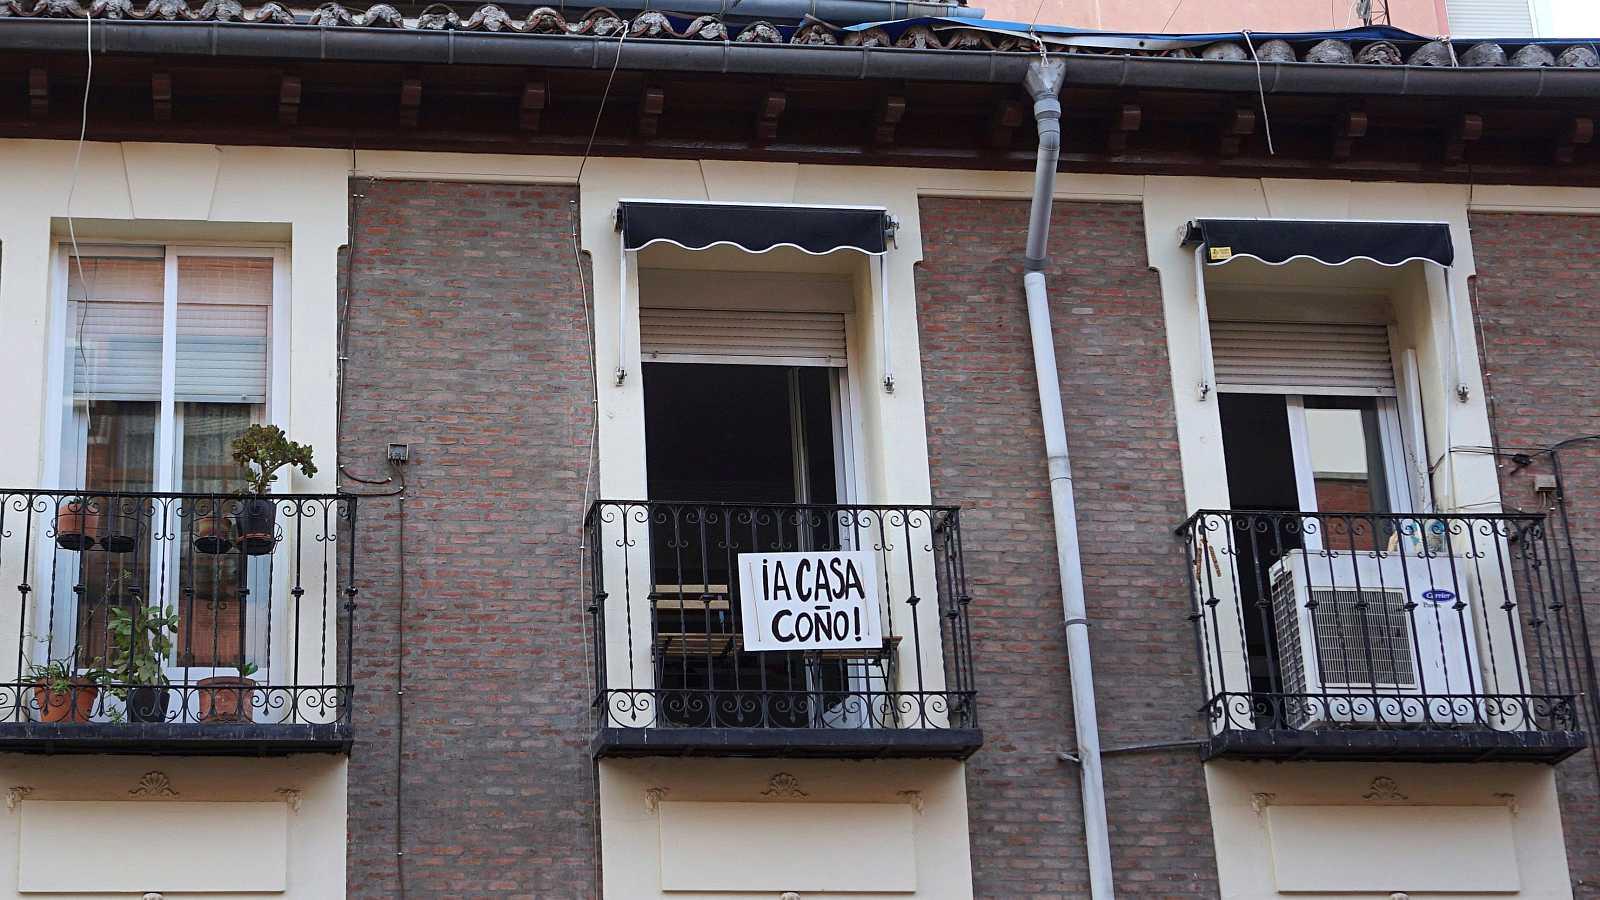 Un cartel colgado en un balcón pide a sus vecinos que se queden en casa para evitar los contagios.